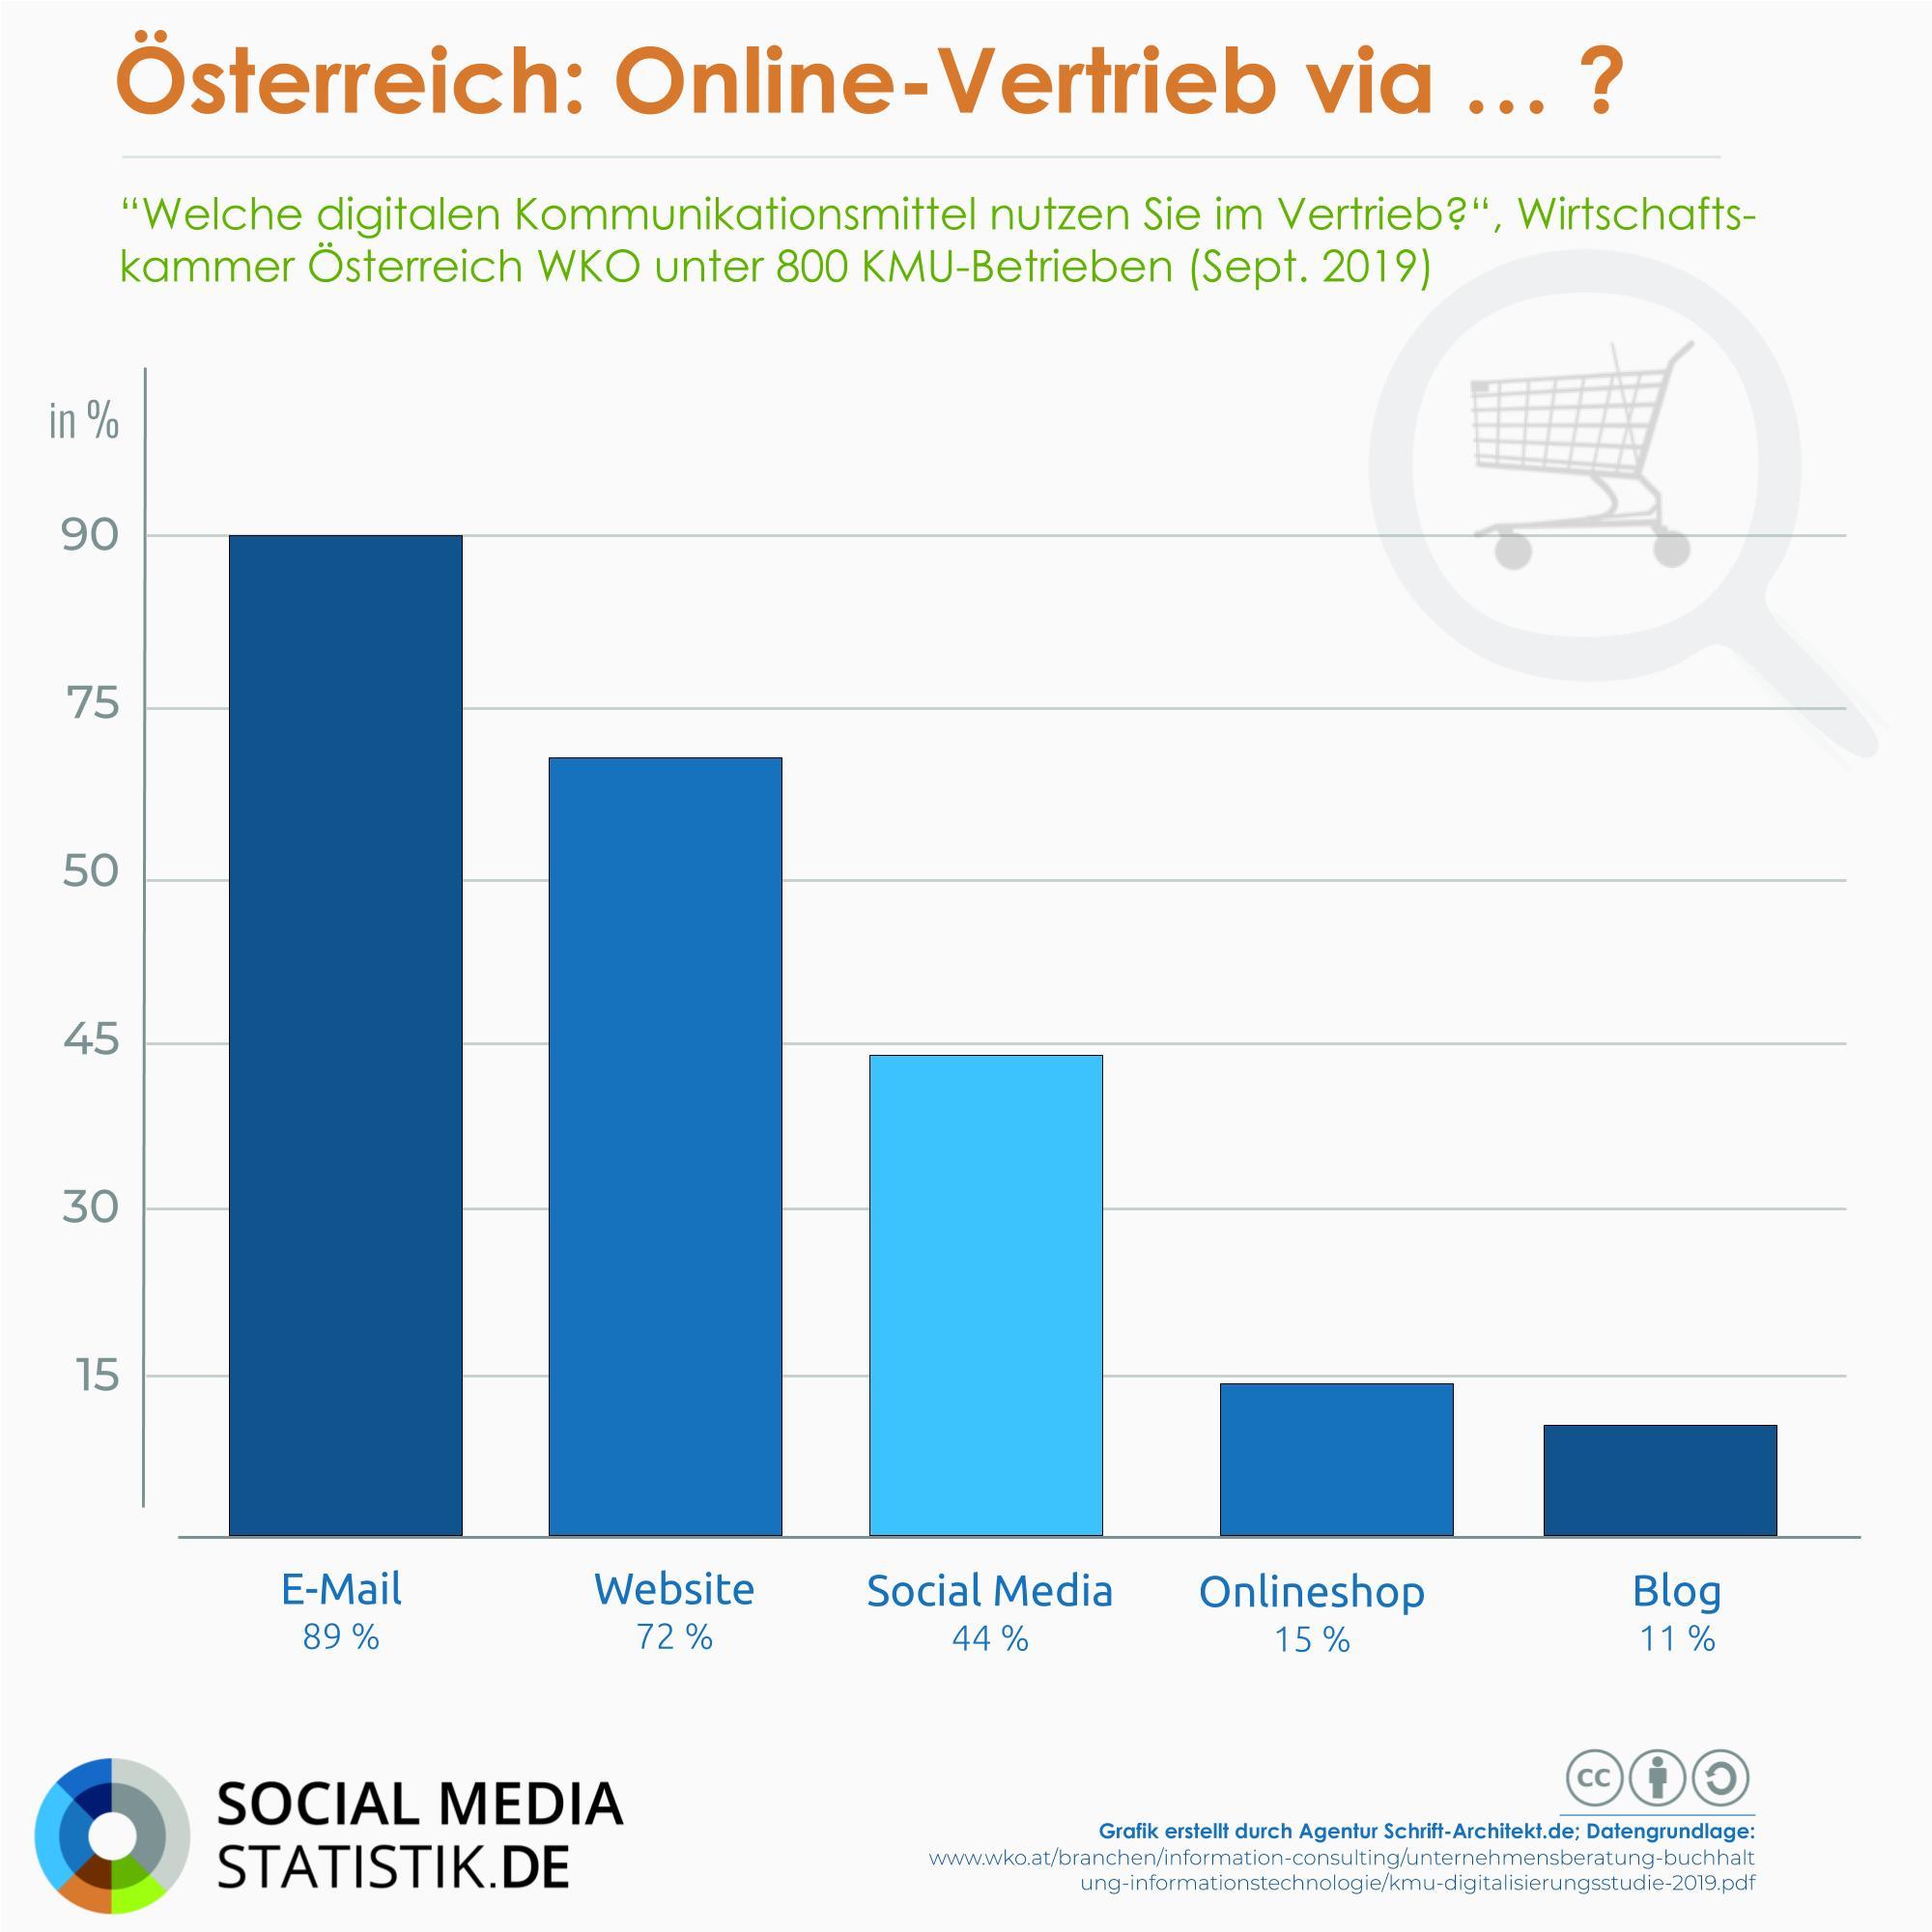 Social Media für österreichische KMU: Darauf muss geachtet werden